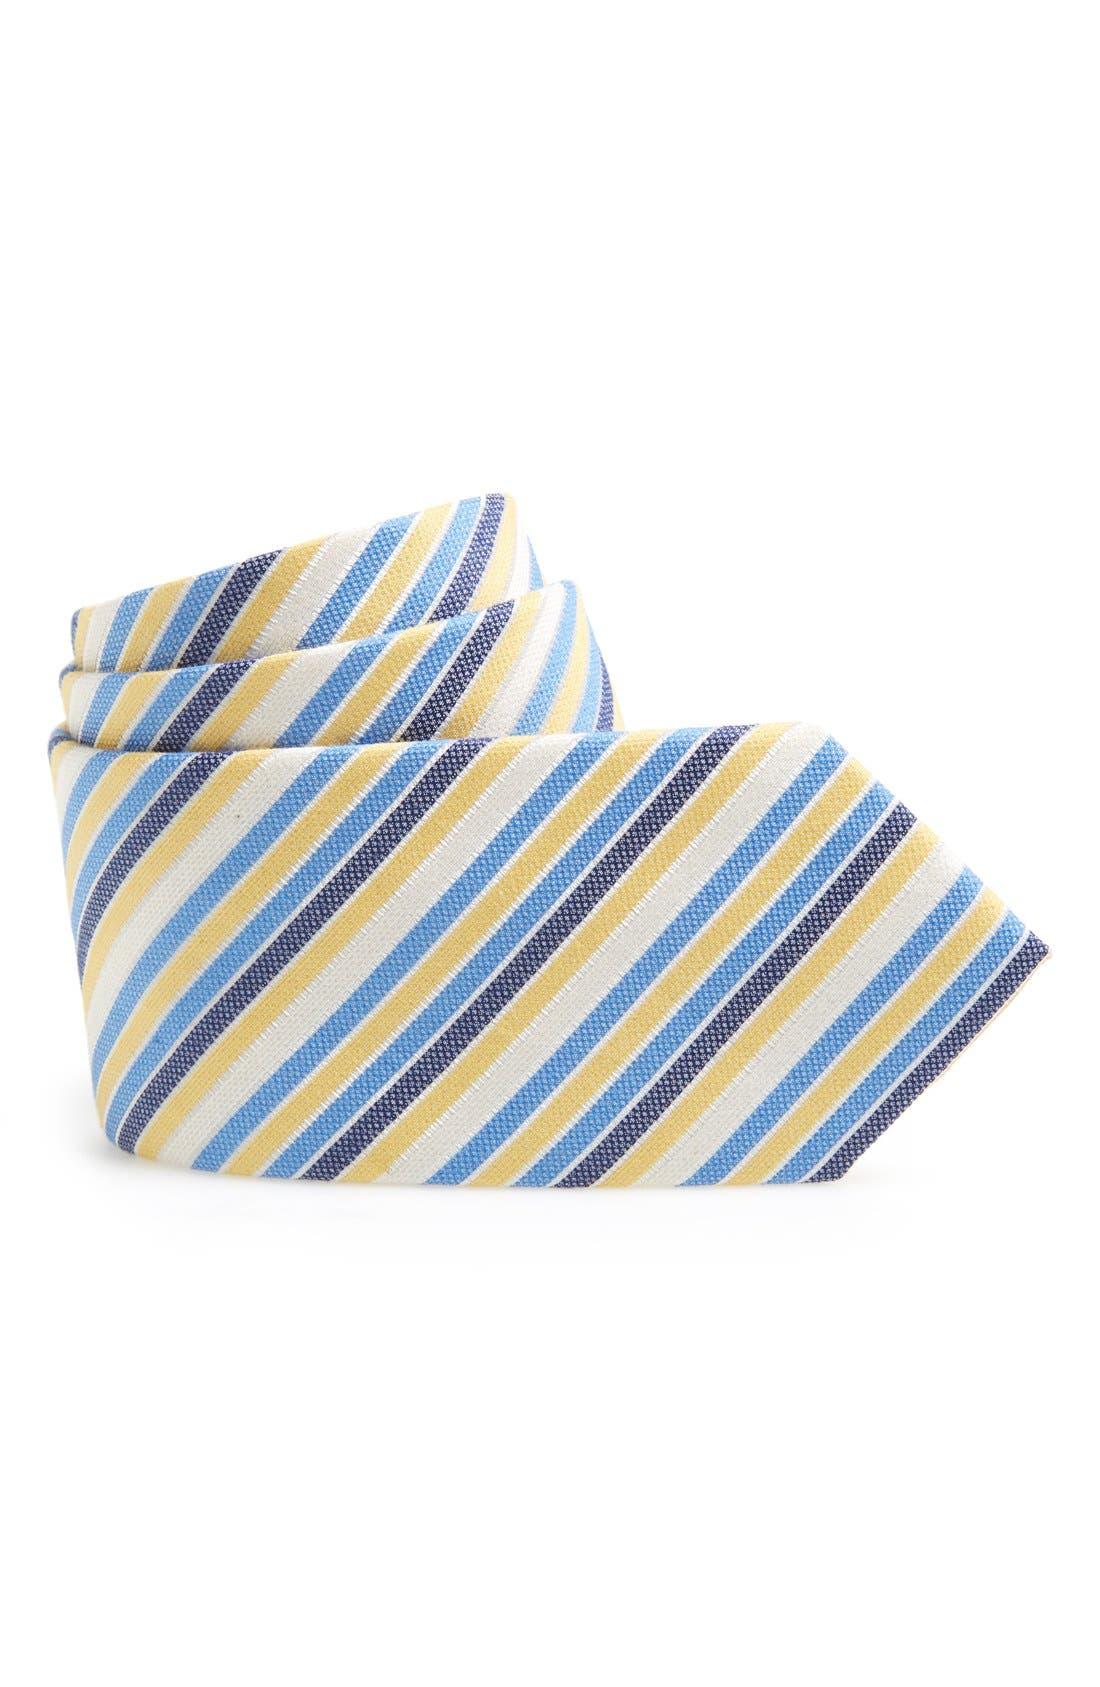 Main Image - Nordstrom Cotton & Silk Tie (Big Boys)